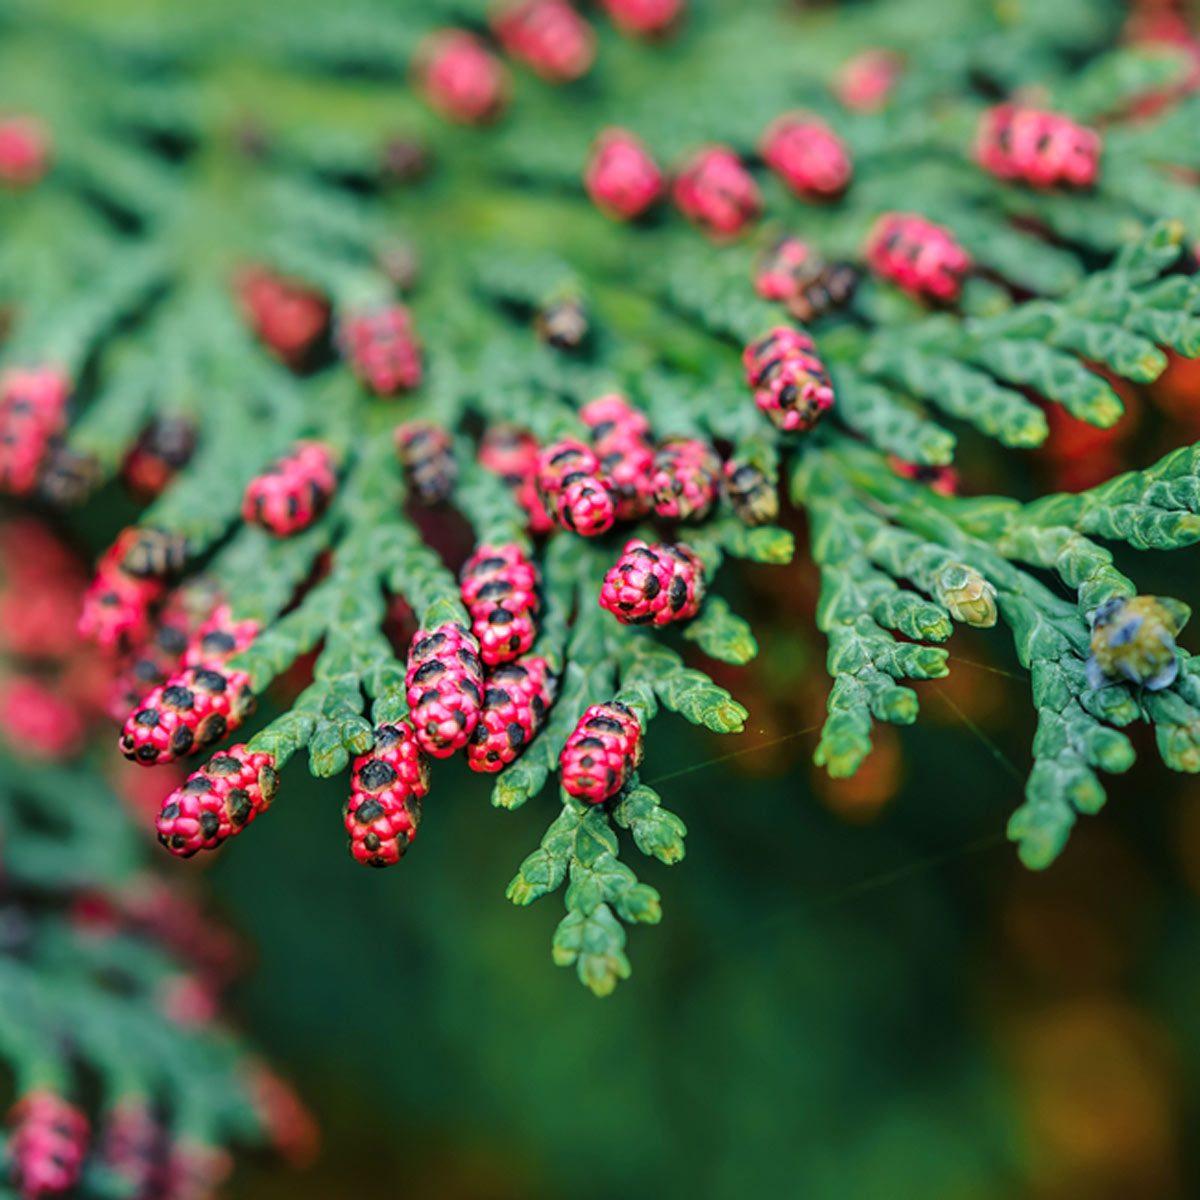 Eastern red cedar (Juniperus virginiana)